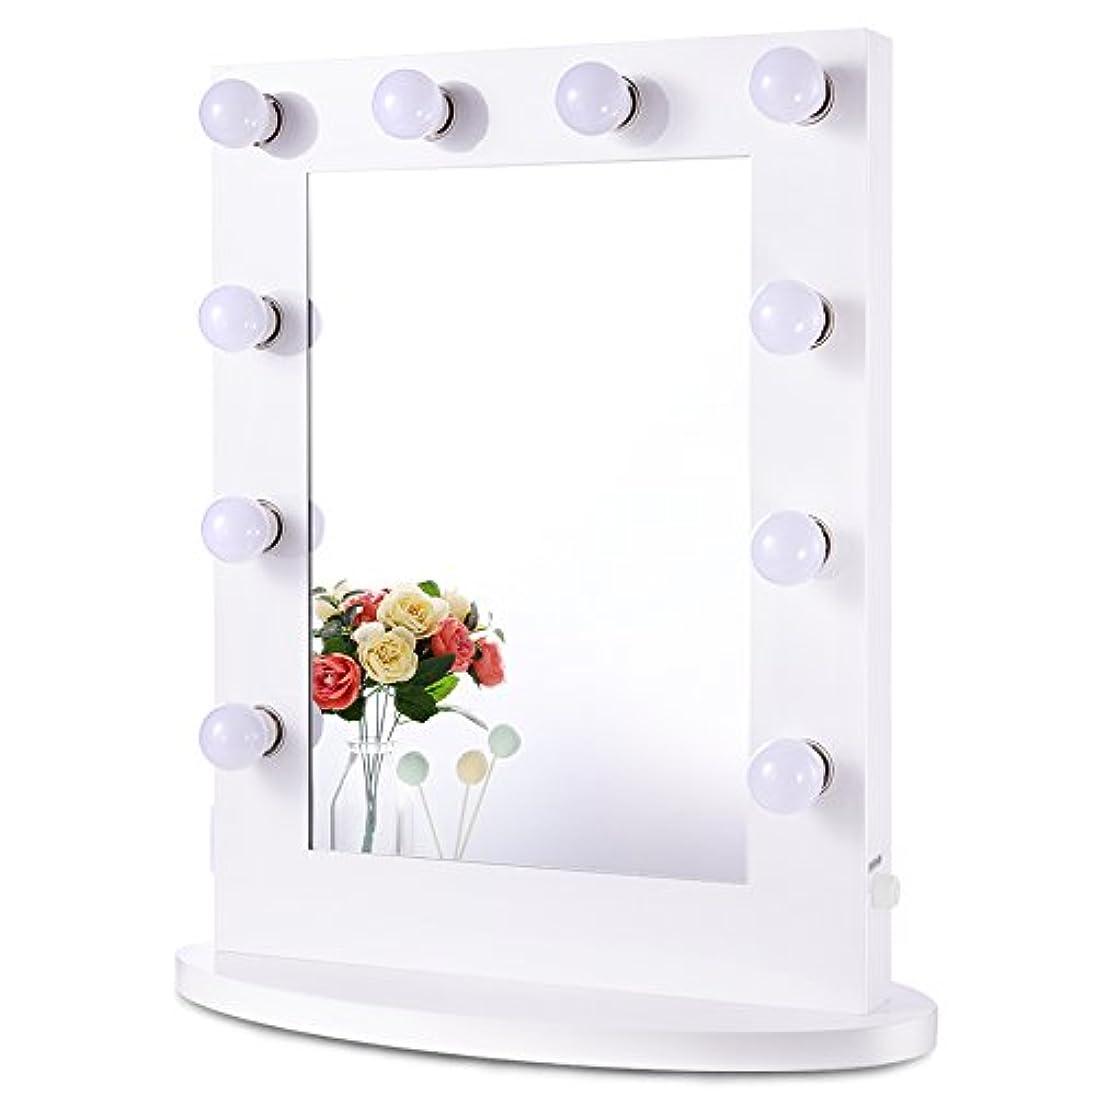 主人本土中止します女優ミラー 女優鏡 大型 壁掛け LED ライト付き コンセント付き 無段階調光 化粧鏡 ハリウッドミラー ドレッサー (ホワイト)